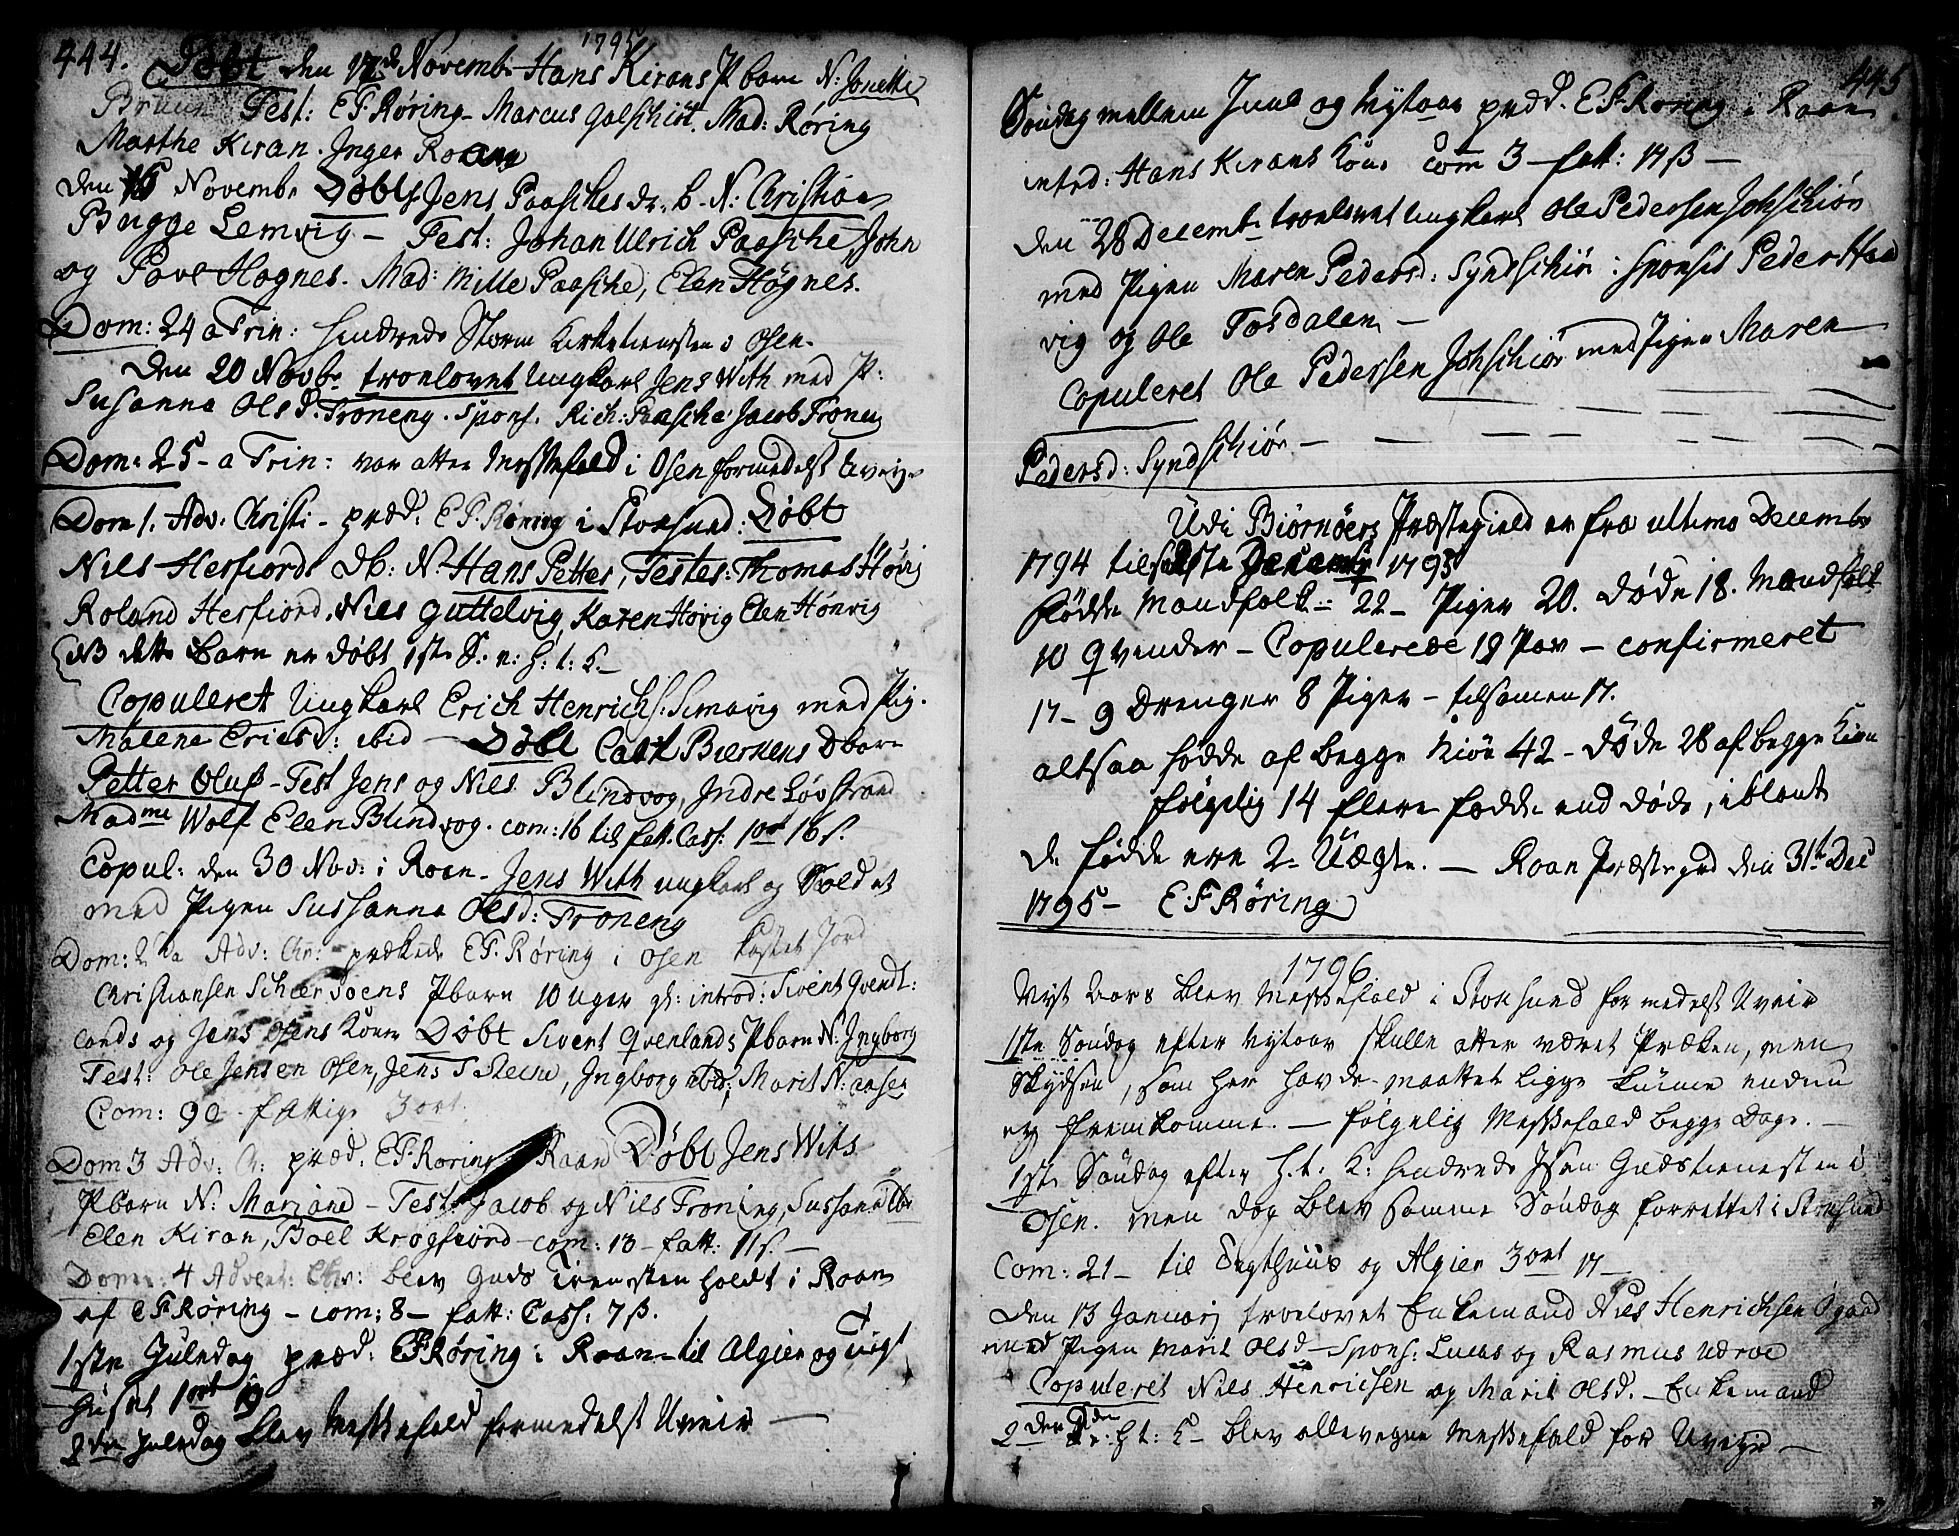 SAT, Ministerialprotokoller, klokkerbøker og fødselsregistre - Sør-Trøndelag, 657/L0700: Ministerialbok nr. 657A01, 1732-1801, s. 444-445